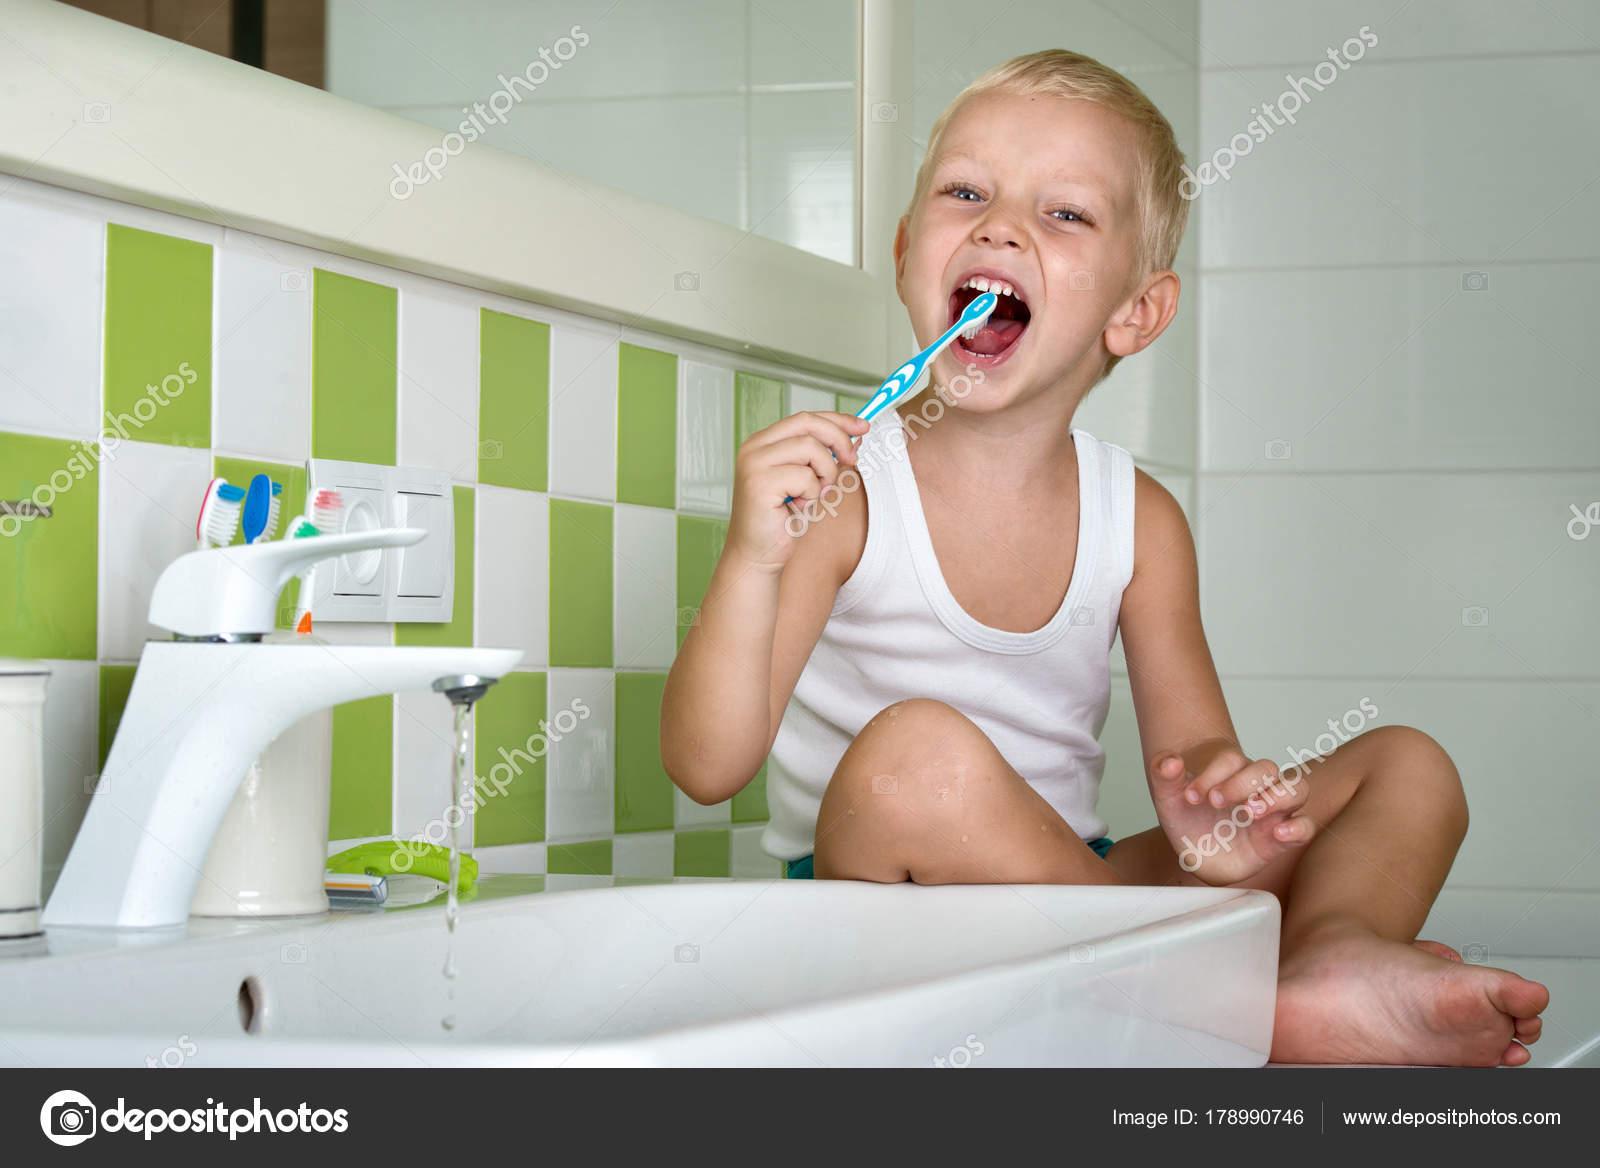 Nieuwe Badkamer Poetsen : Kleine jongen tandenpoetsen badkamer het begin van een nieuwe dag